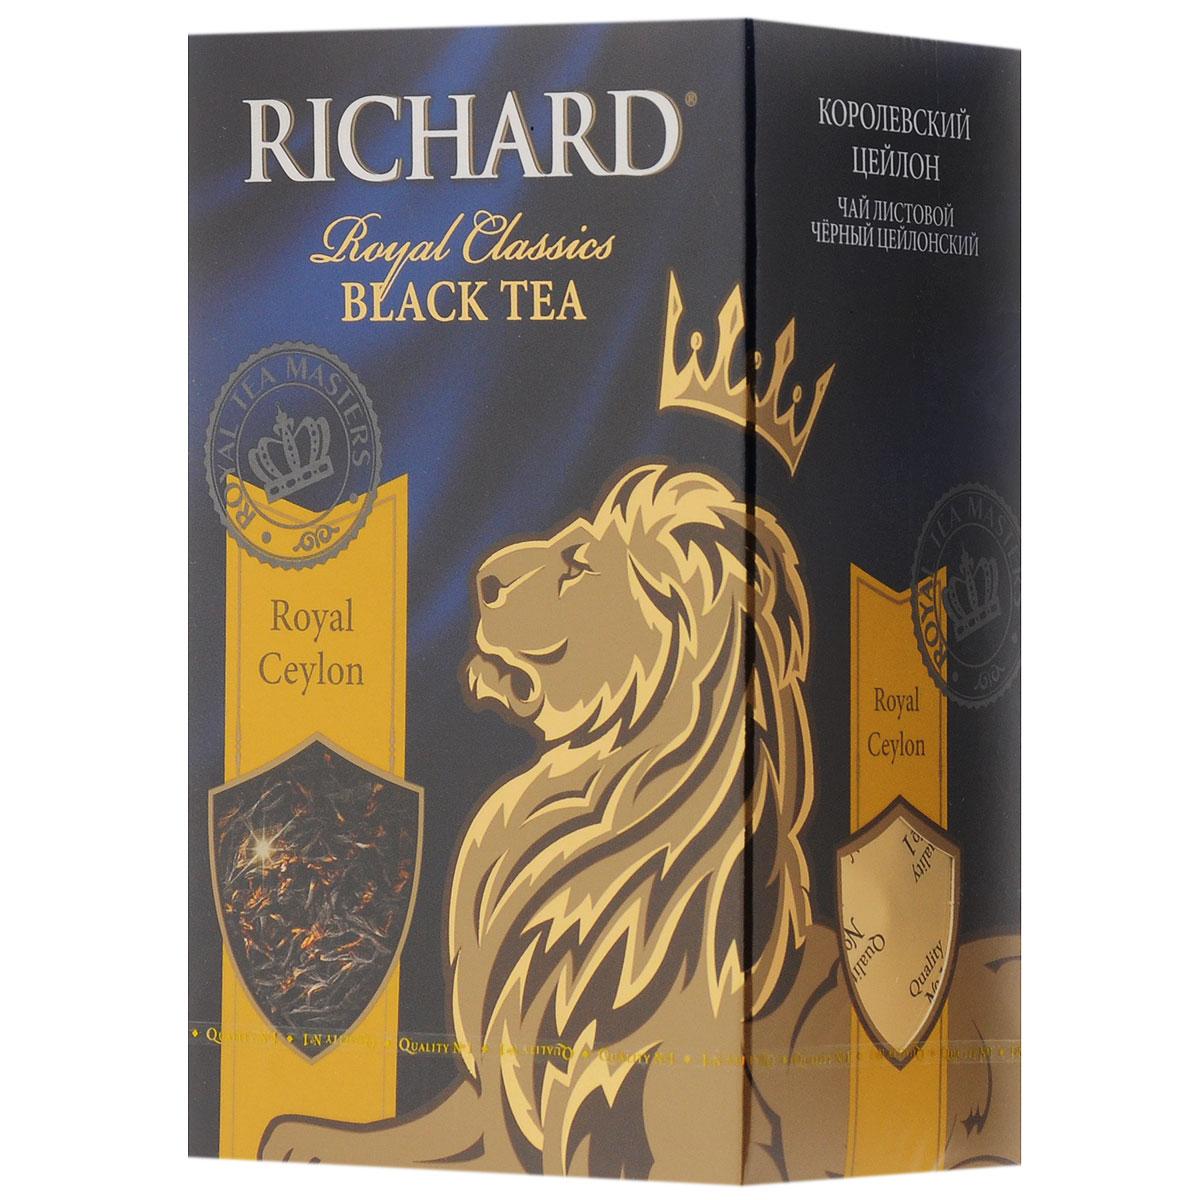 Richard Royal Ceylon черный листовой чай, 90 г стоимость